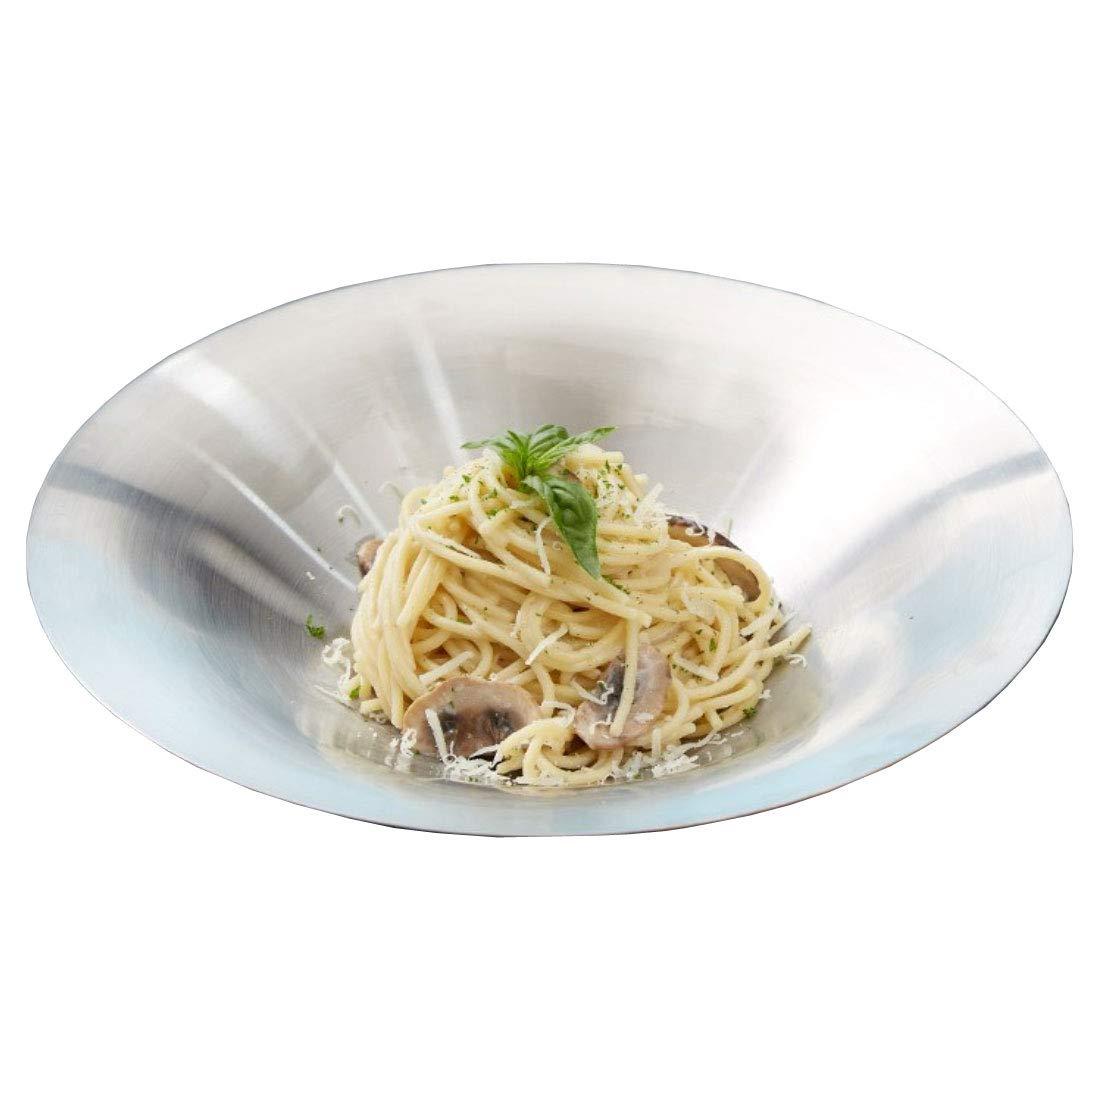 RAKURAKU KOREA Stainless Steel Salad/Pasta Bowls, Set of 2